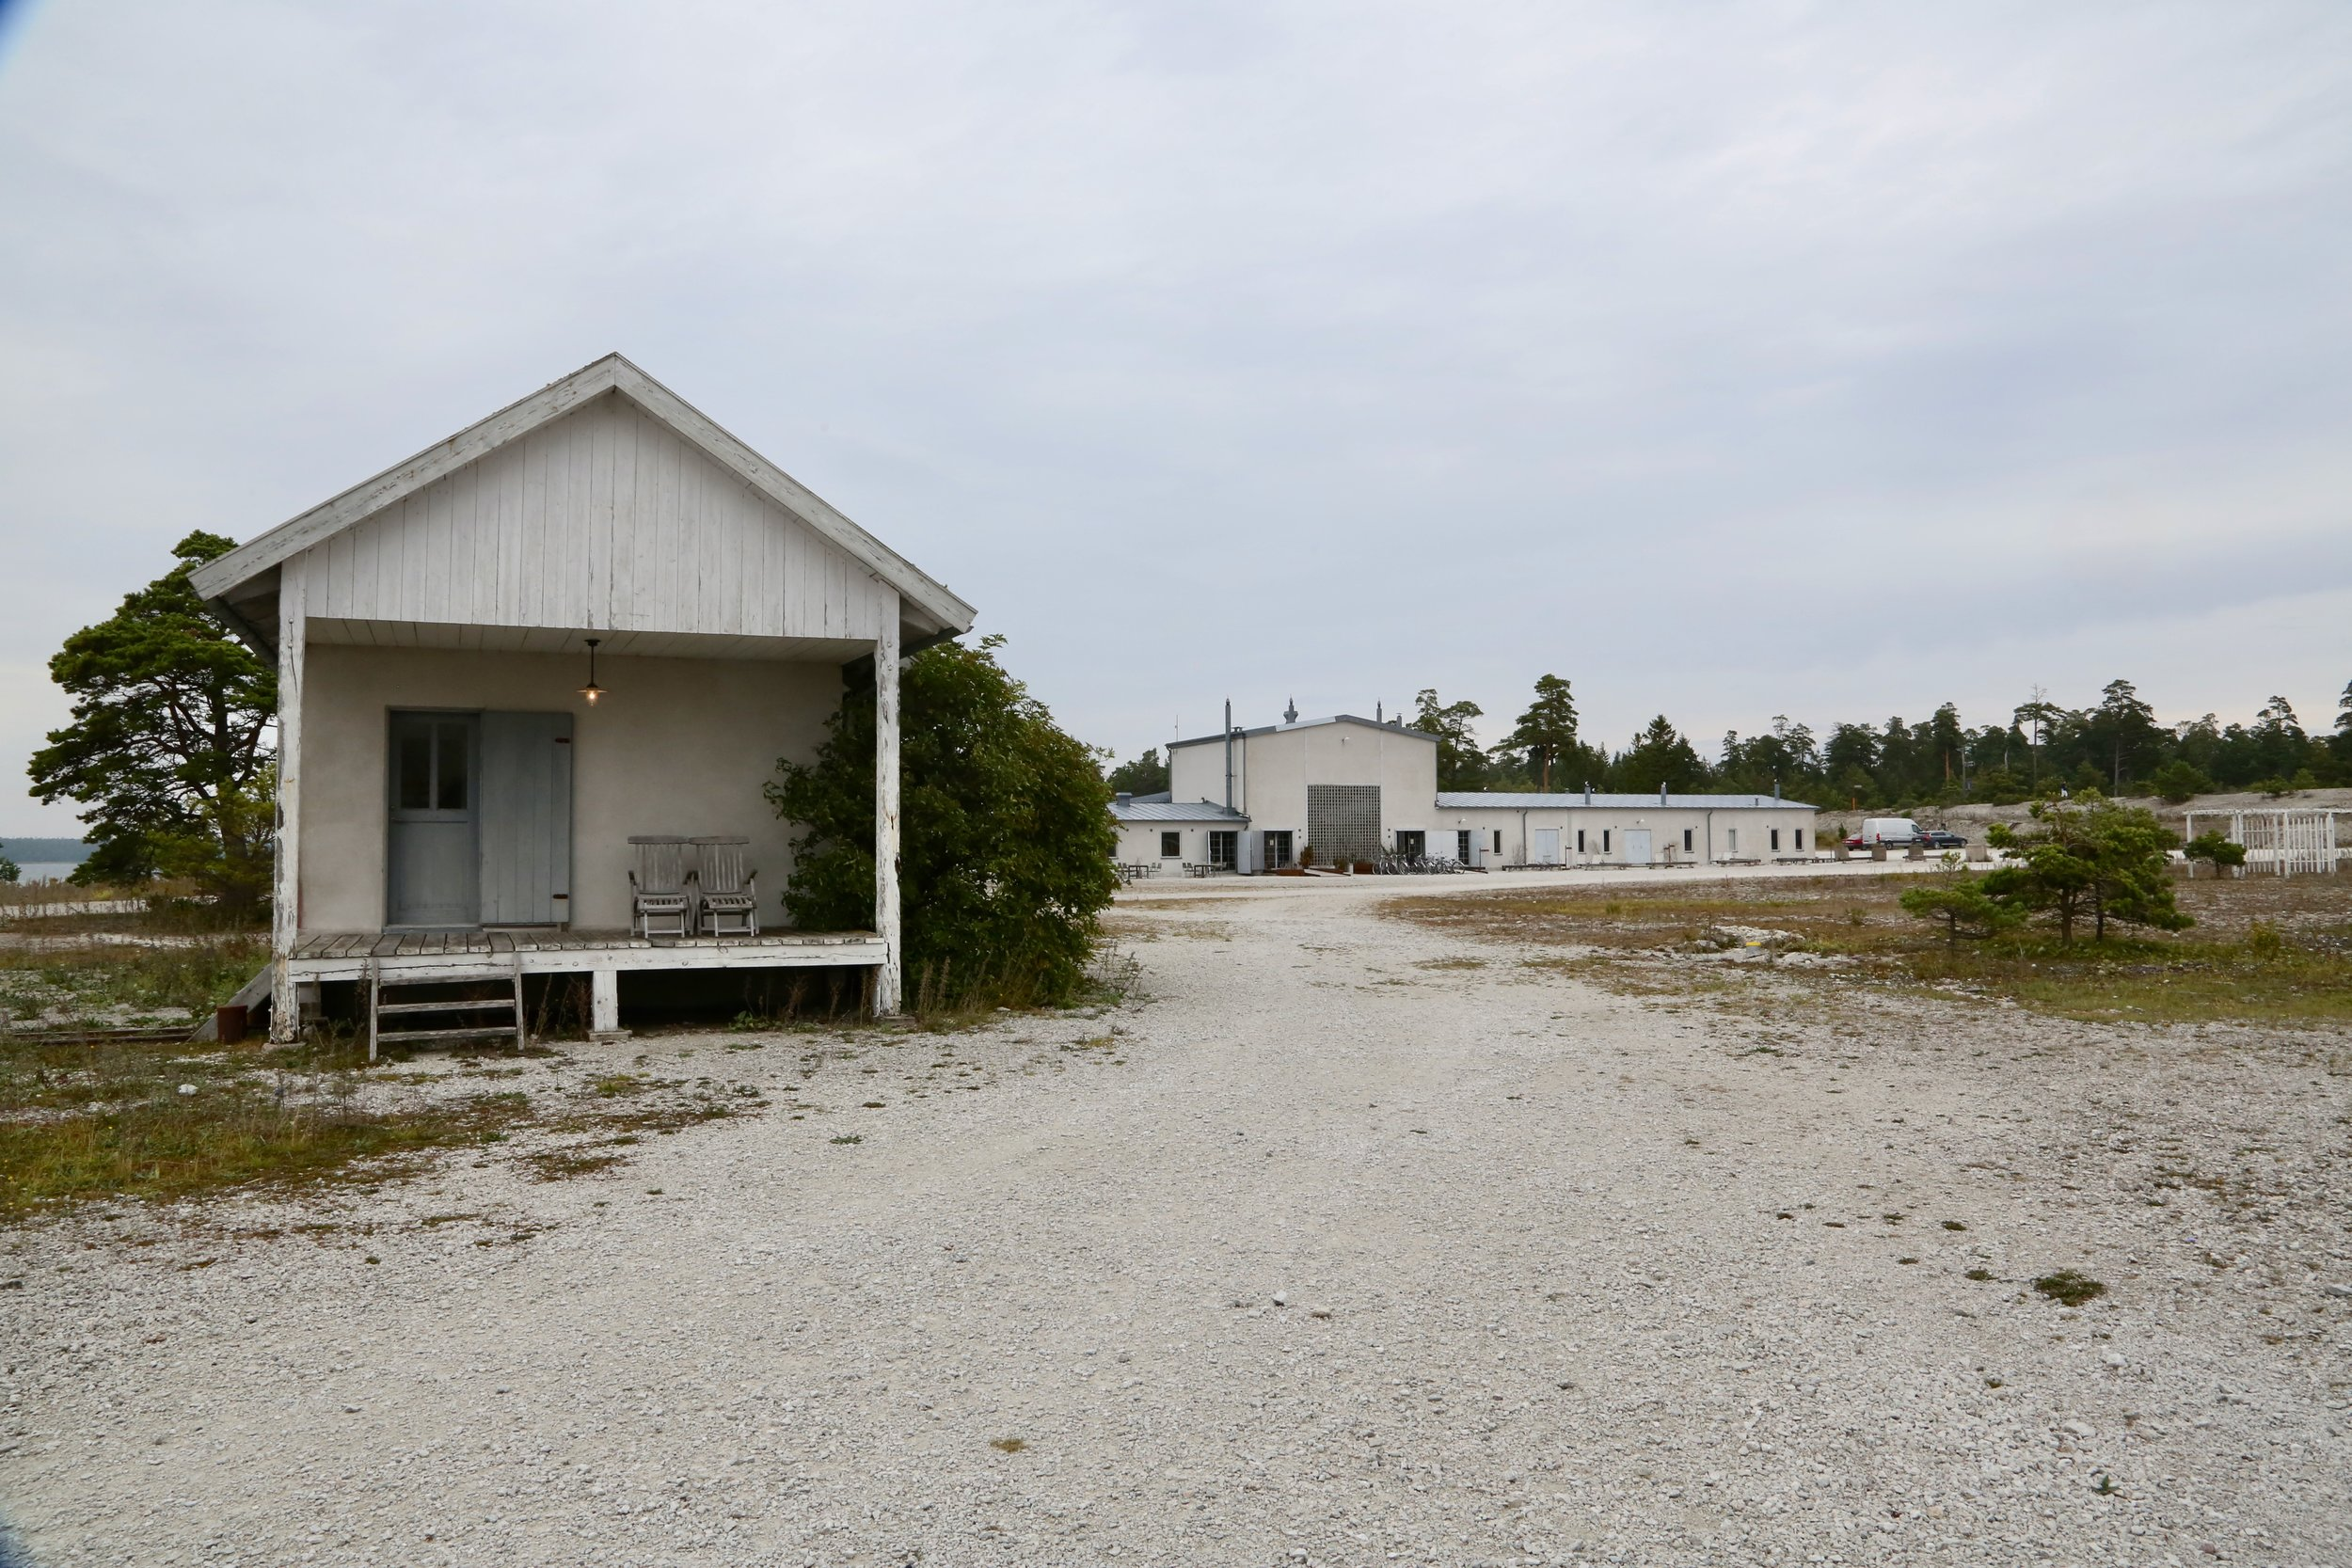 Suiten til venstre og hovedbygget med 16 rom og restaurant til høyre. Velkommen til Fabriken Furillen. Foto: Odd RoarLange